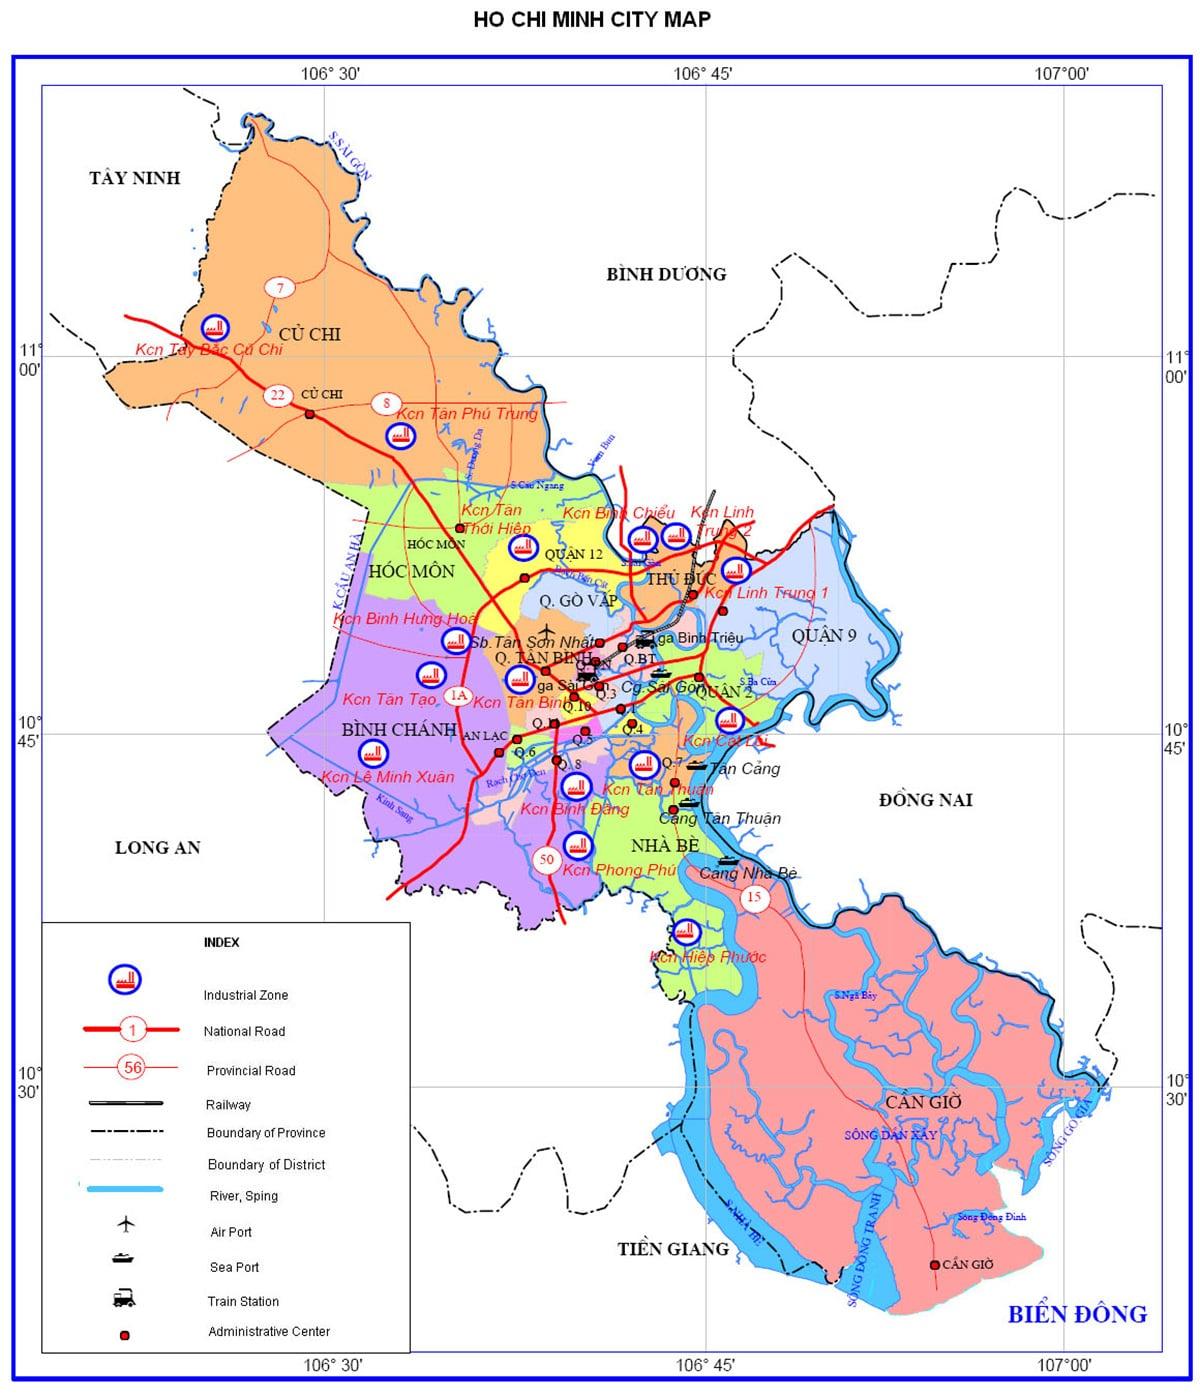 Bản đồ huy hoạch toàn Thành phố Hồ Chí Minh